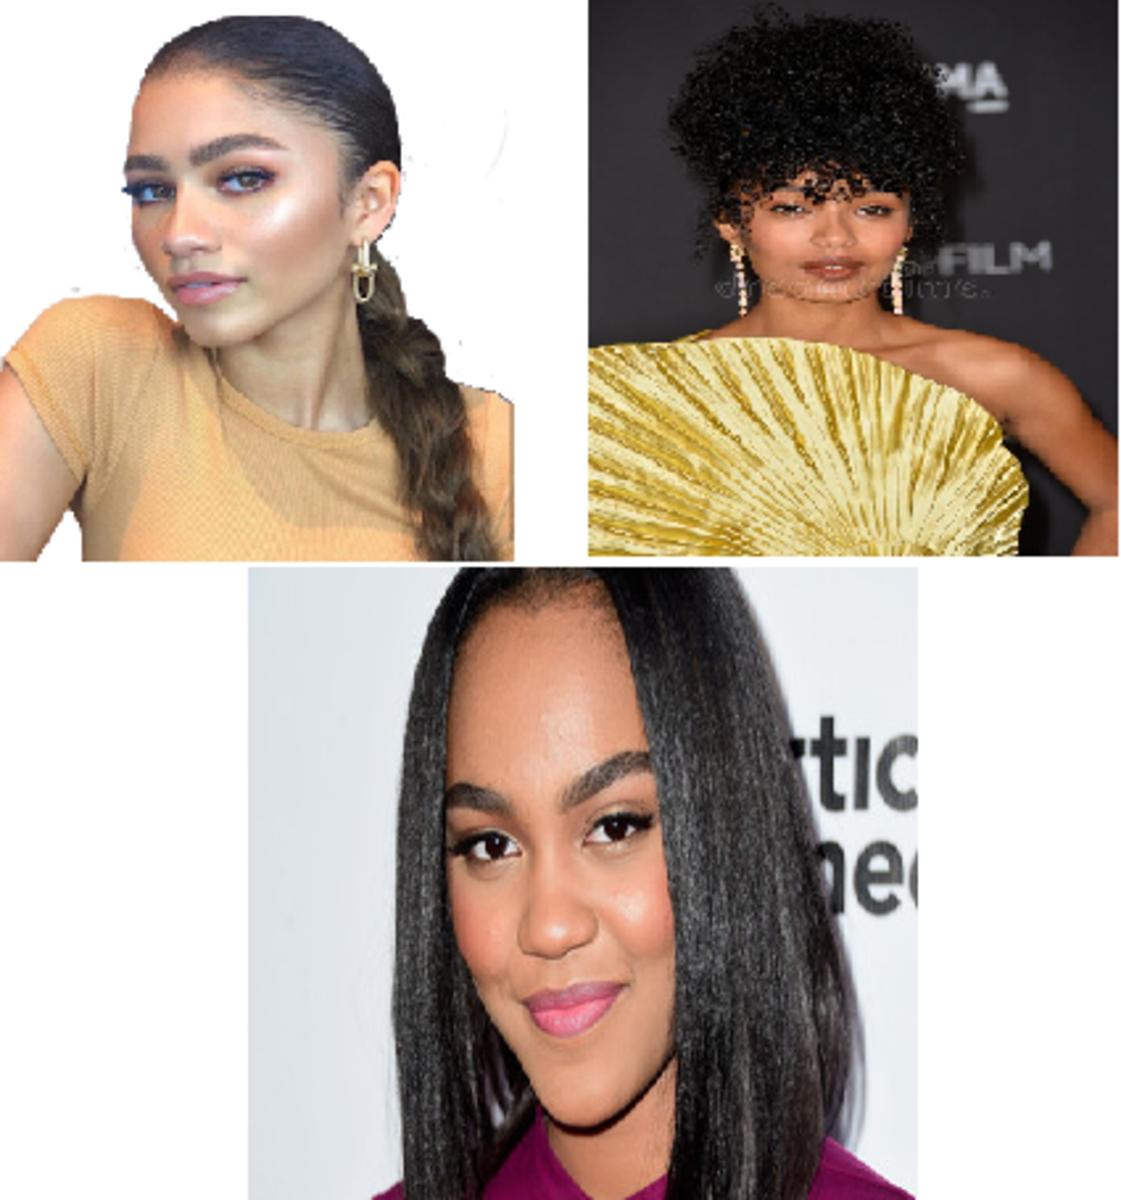 What Do Zendaya Coleman, Yara Shahidi And China McClain Have in Common?